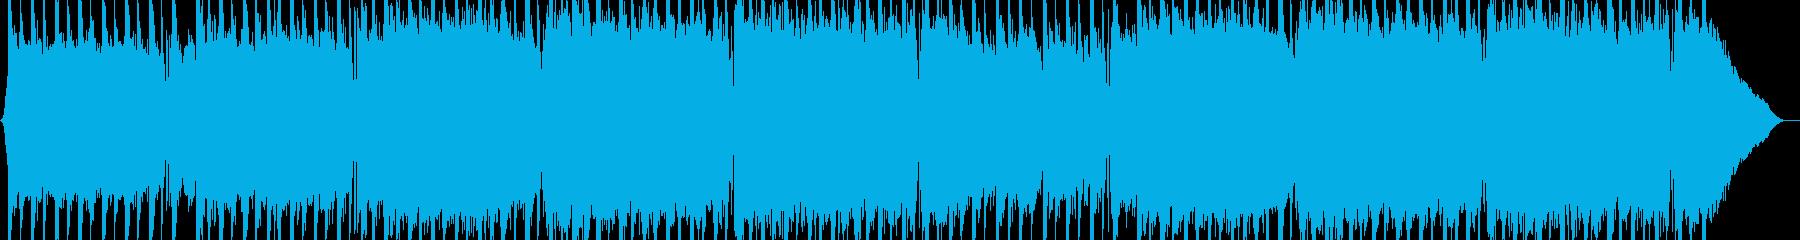 ドライブレトロスタイルのサウンドロックの再生済みの波形